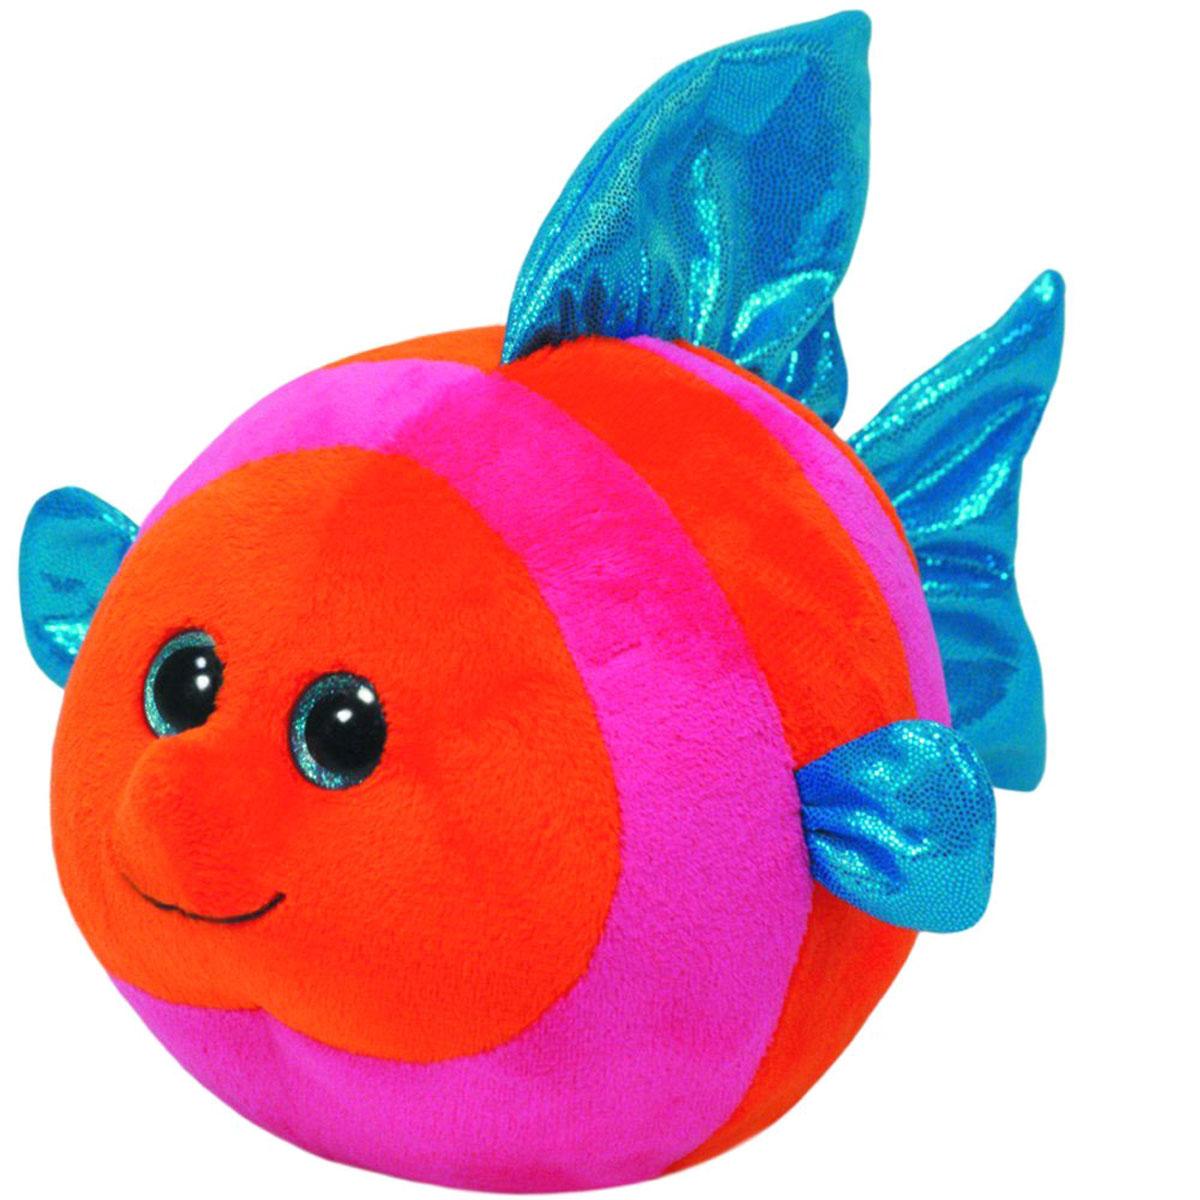 TY Мягкая игрушка Рыбка Splashy 12 см38131Мягкая игрушка TY Рыбка Splashy - это прекрасный подарок для вашего малыша. Модель отличается оригинальным дизайном и качественным исполнением. Игрушка станет верным другом для каждого ребенка, подарит множество приятных мгновений и непременно поднимет настроение. Изготовлена из качественных и безопасных материалов, приятных на ощупь. Пластиковые гранулы, используемые при набивке игрушки, способствуют развитию мелкой моторики рук ребенка. Симпатичная игрушка будет радовать вашего ребенка, а также способствовать полноценному и гармоничному развитию его личности.